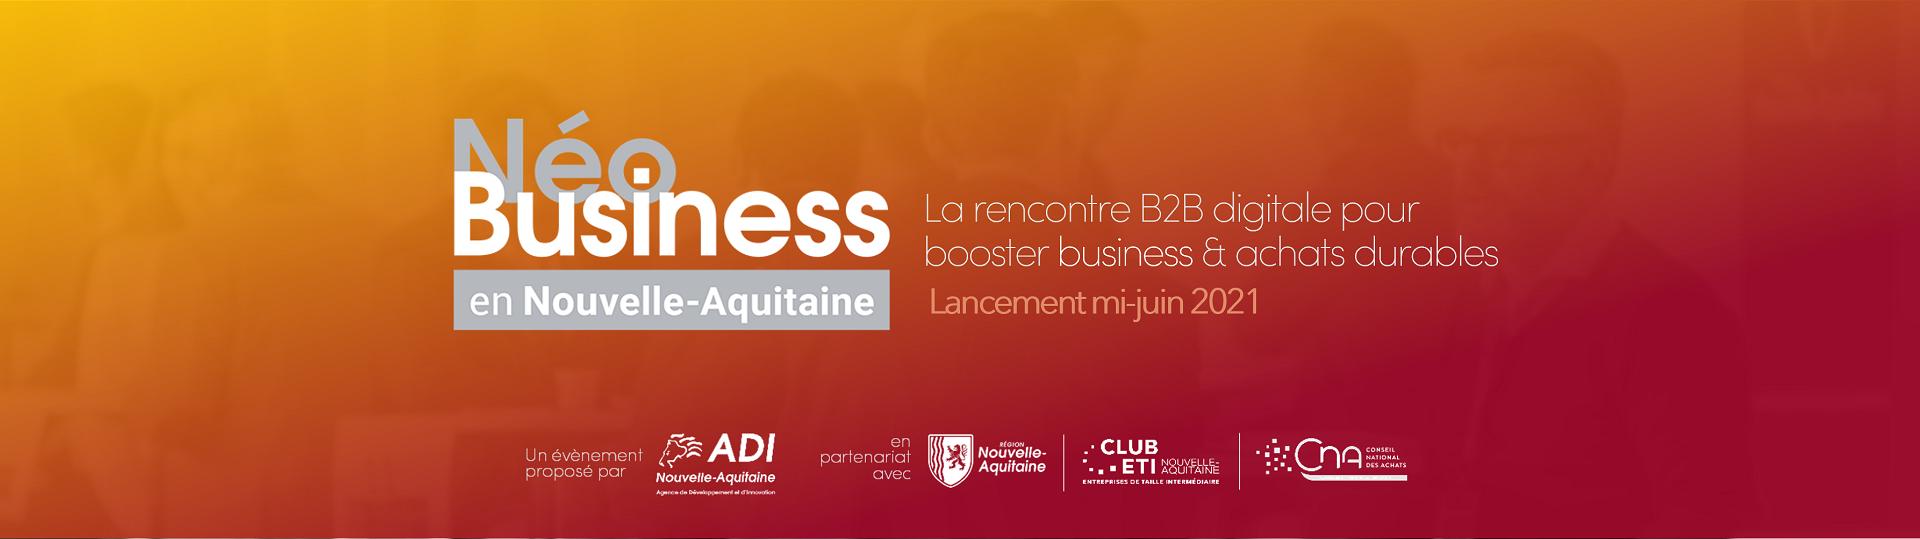 Néobusiness en Nouvelle-Aquitaine 2021La rencontre B2B digitale pour booster business & achats durables